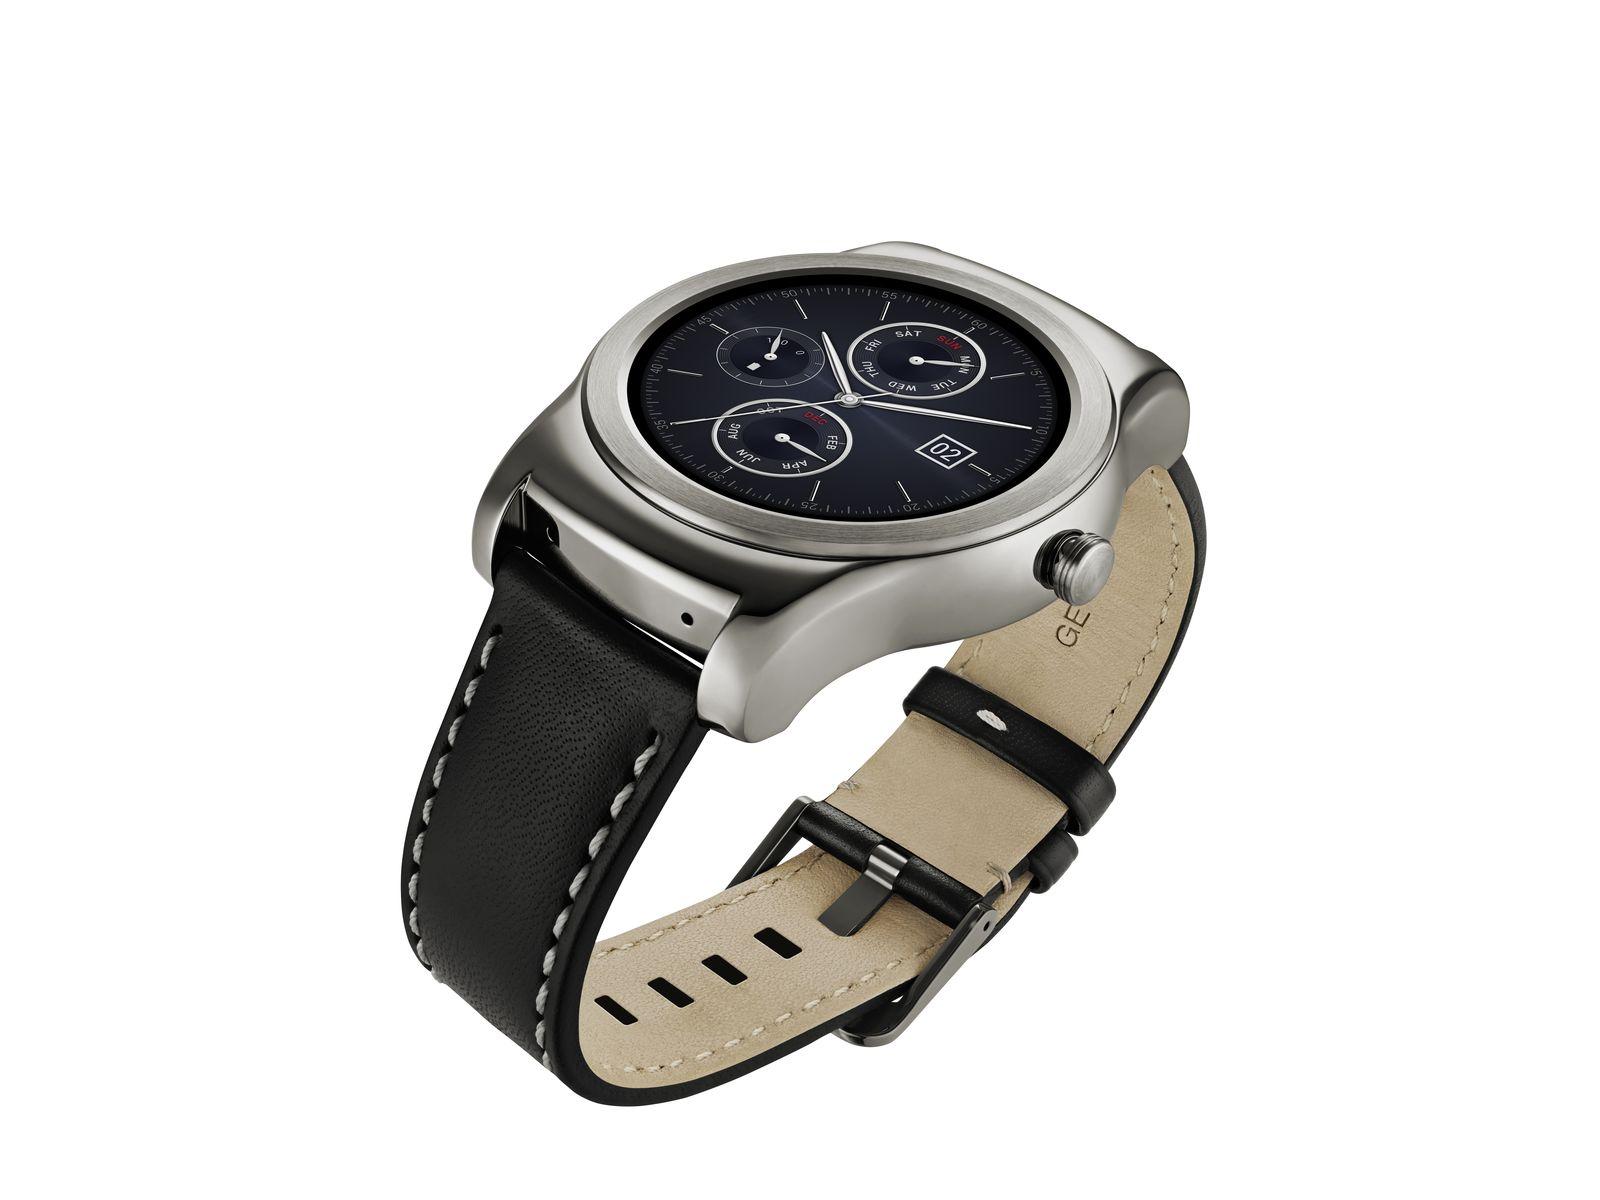 LG Watch Urbane : la plus onéreuse des montres Android Wear arrive en France